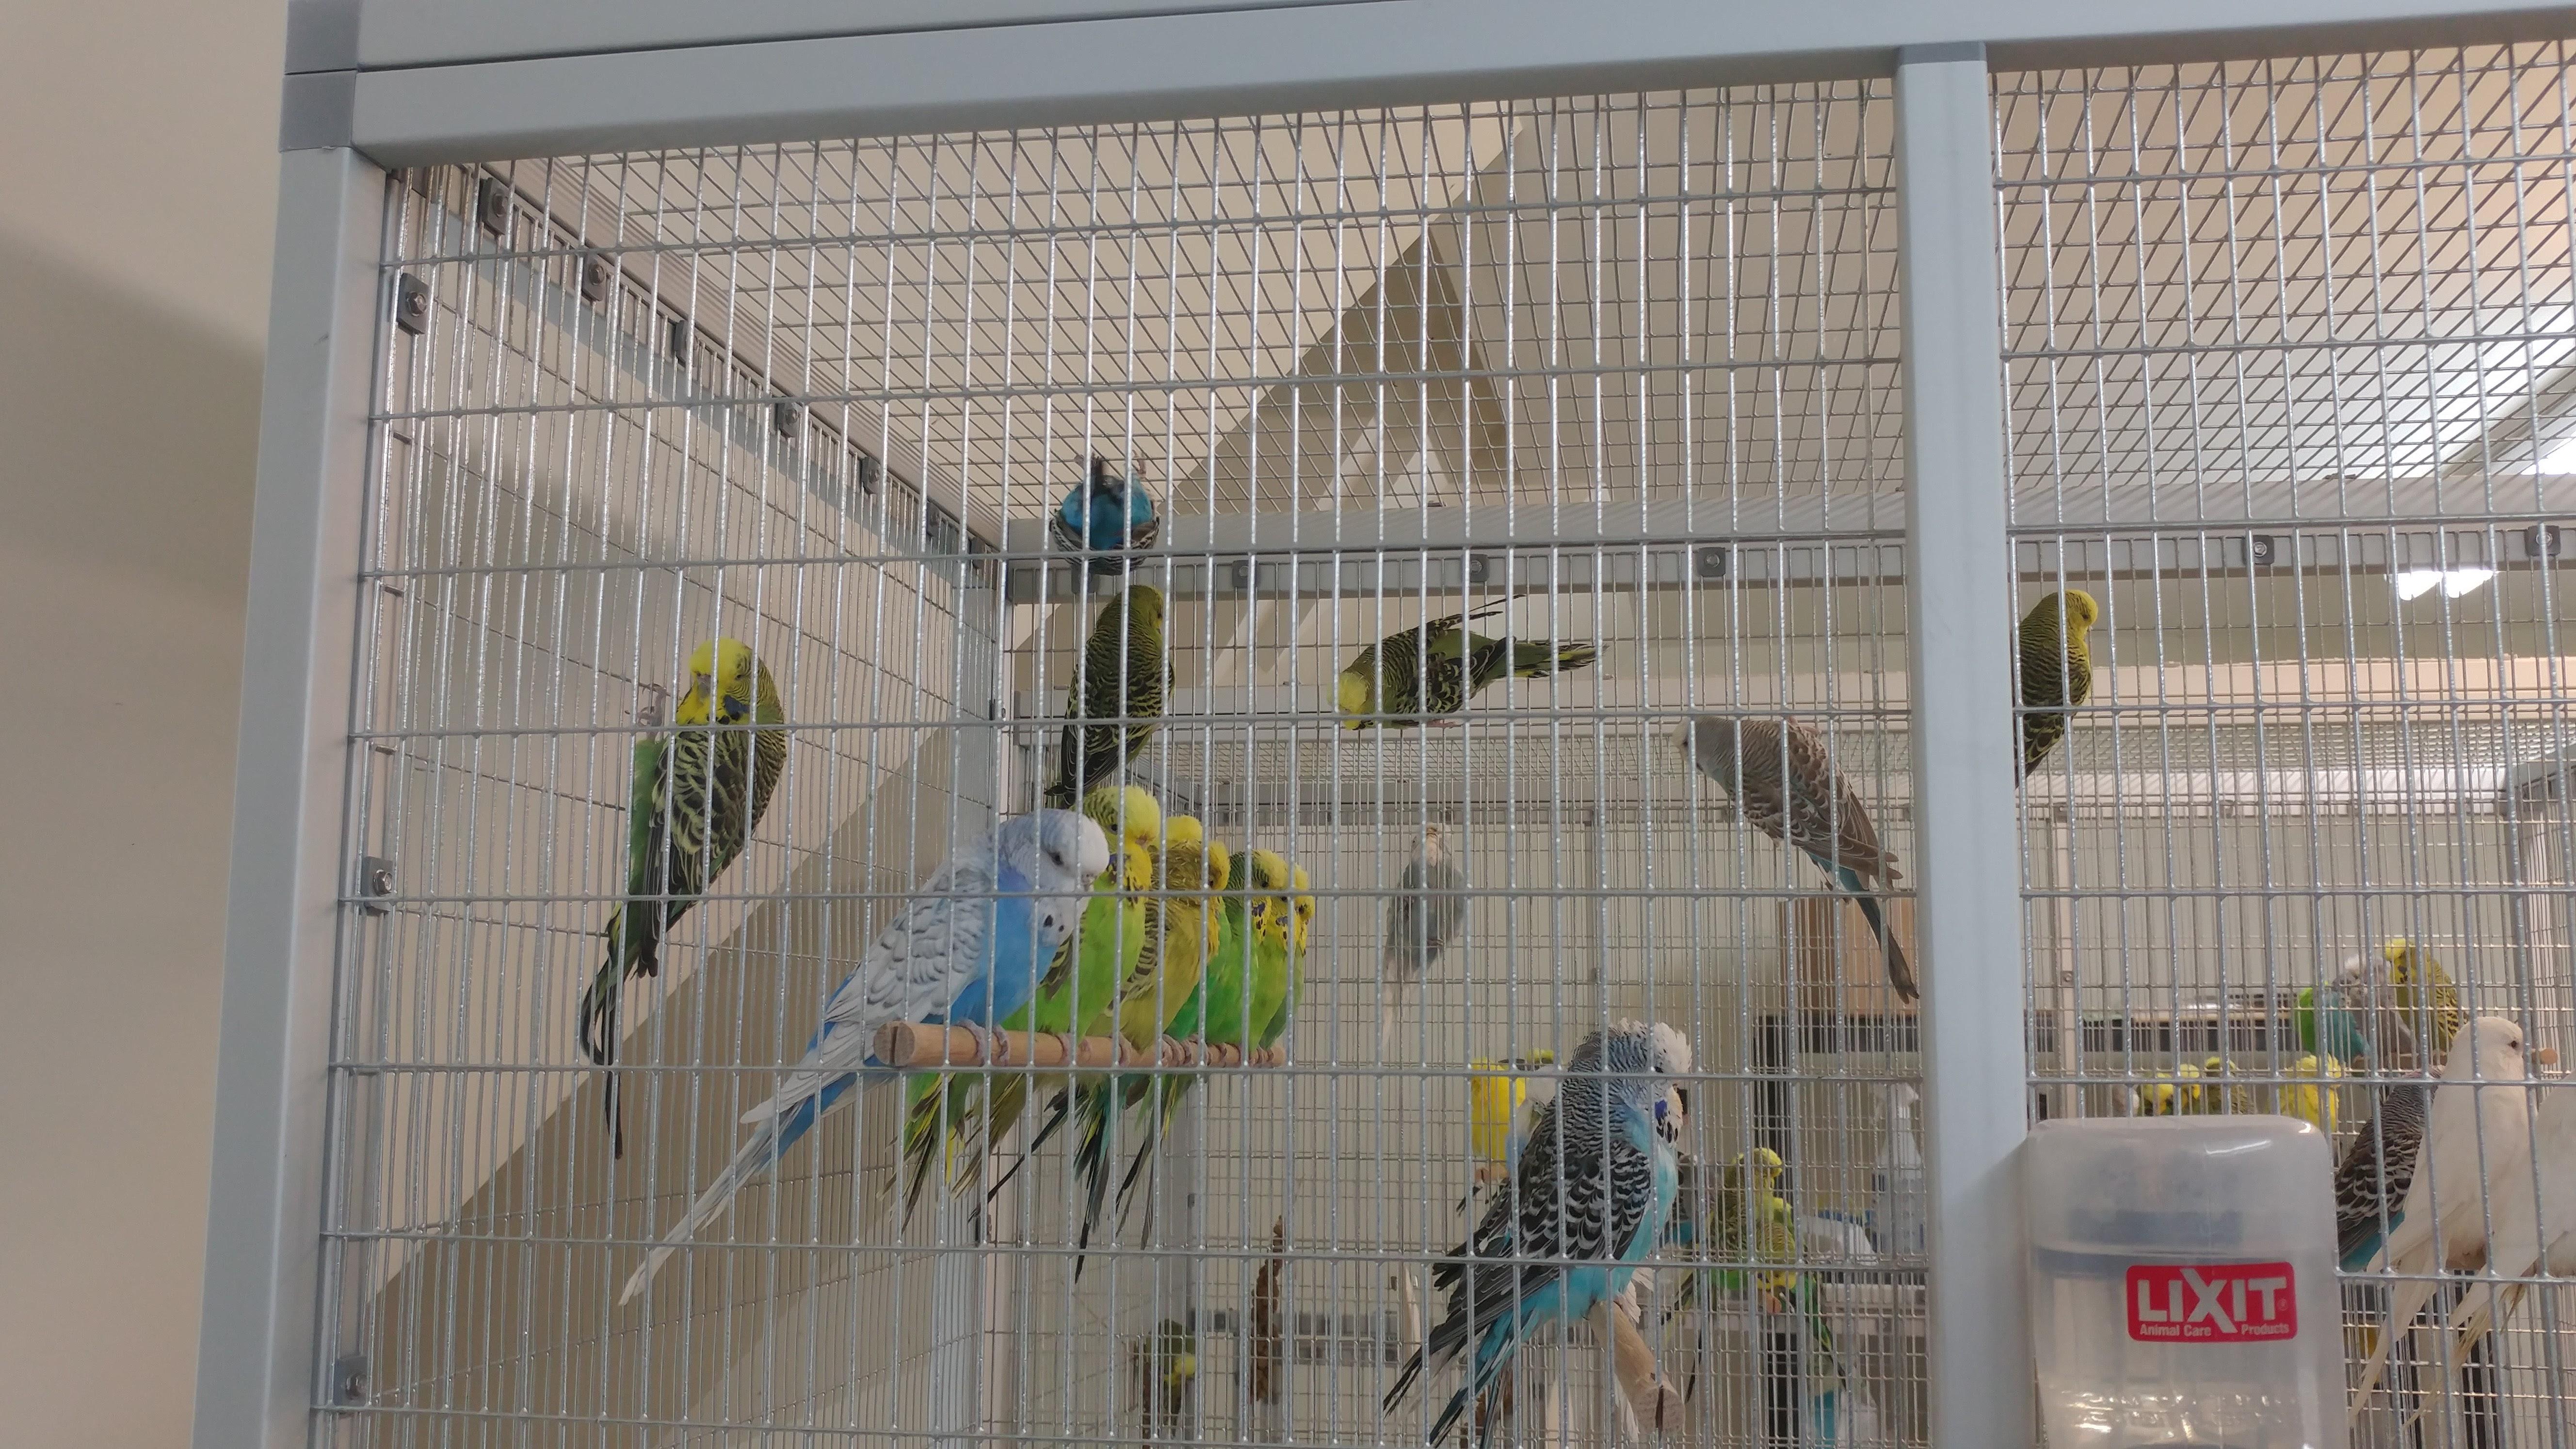 Aviary2